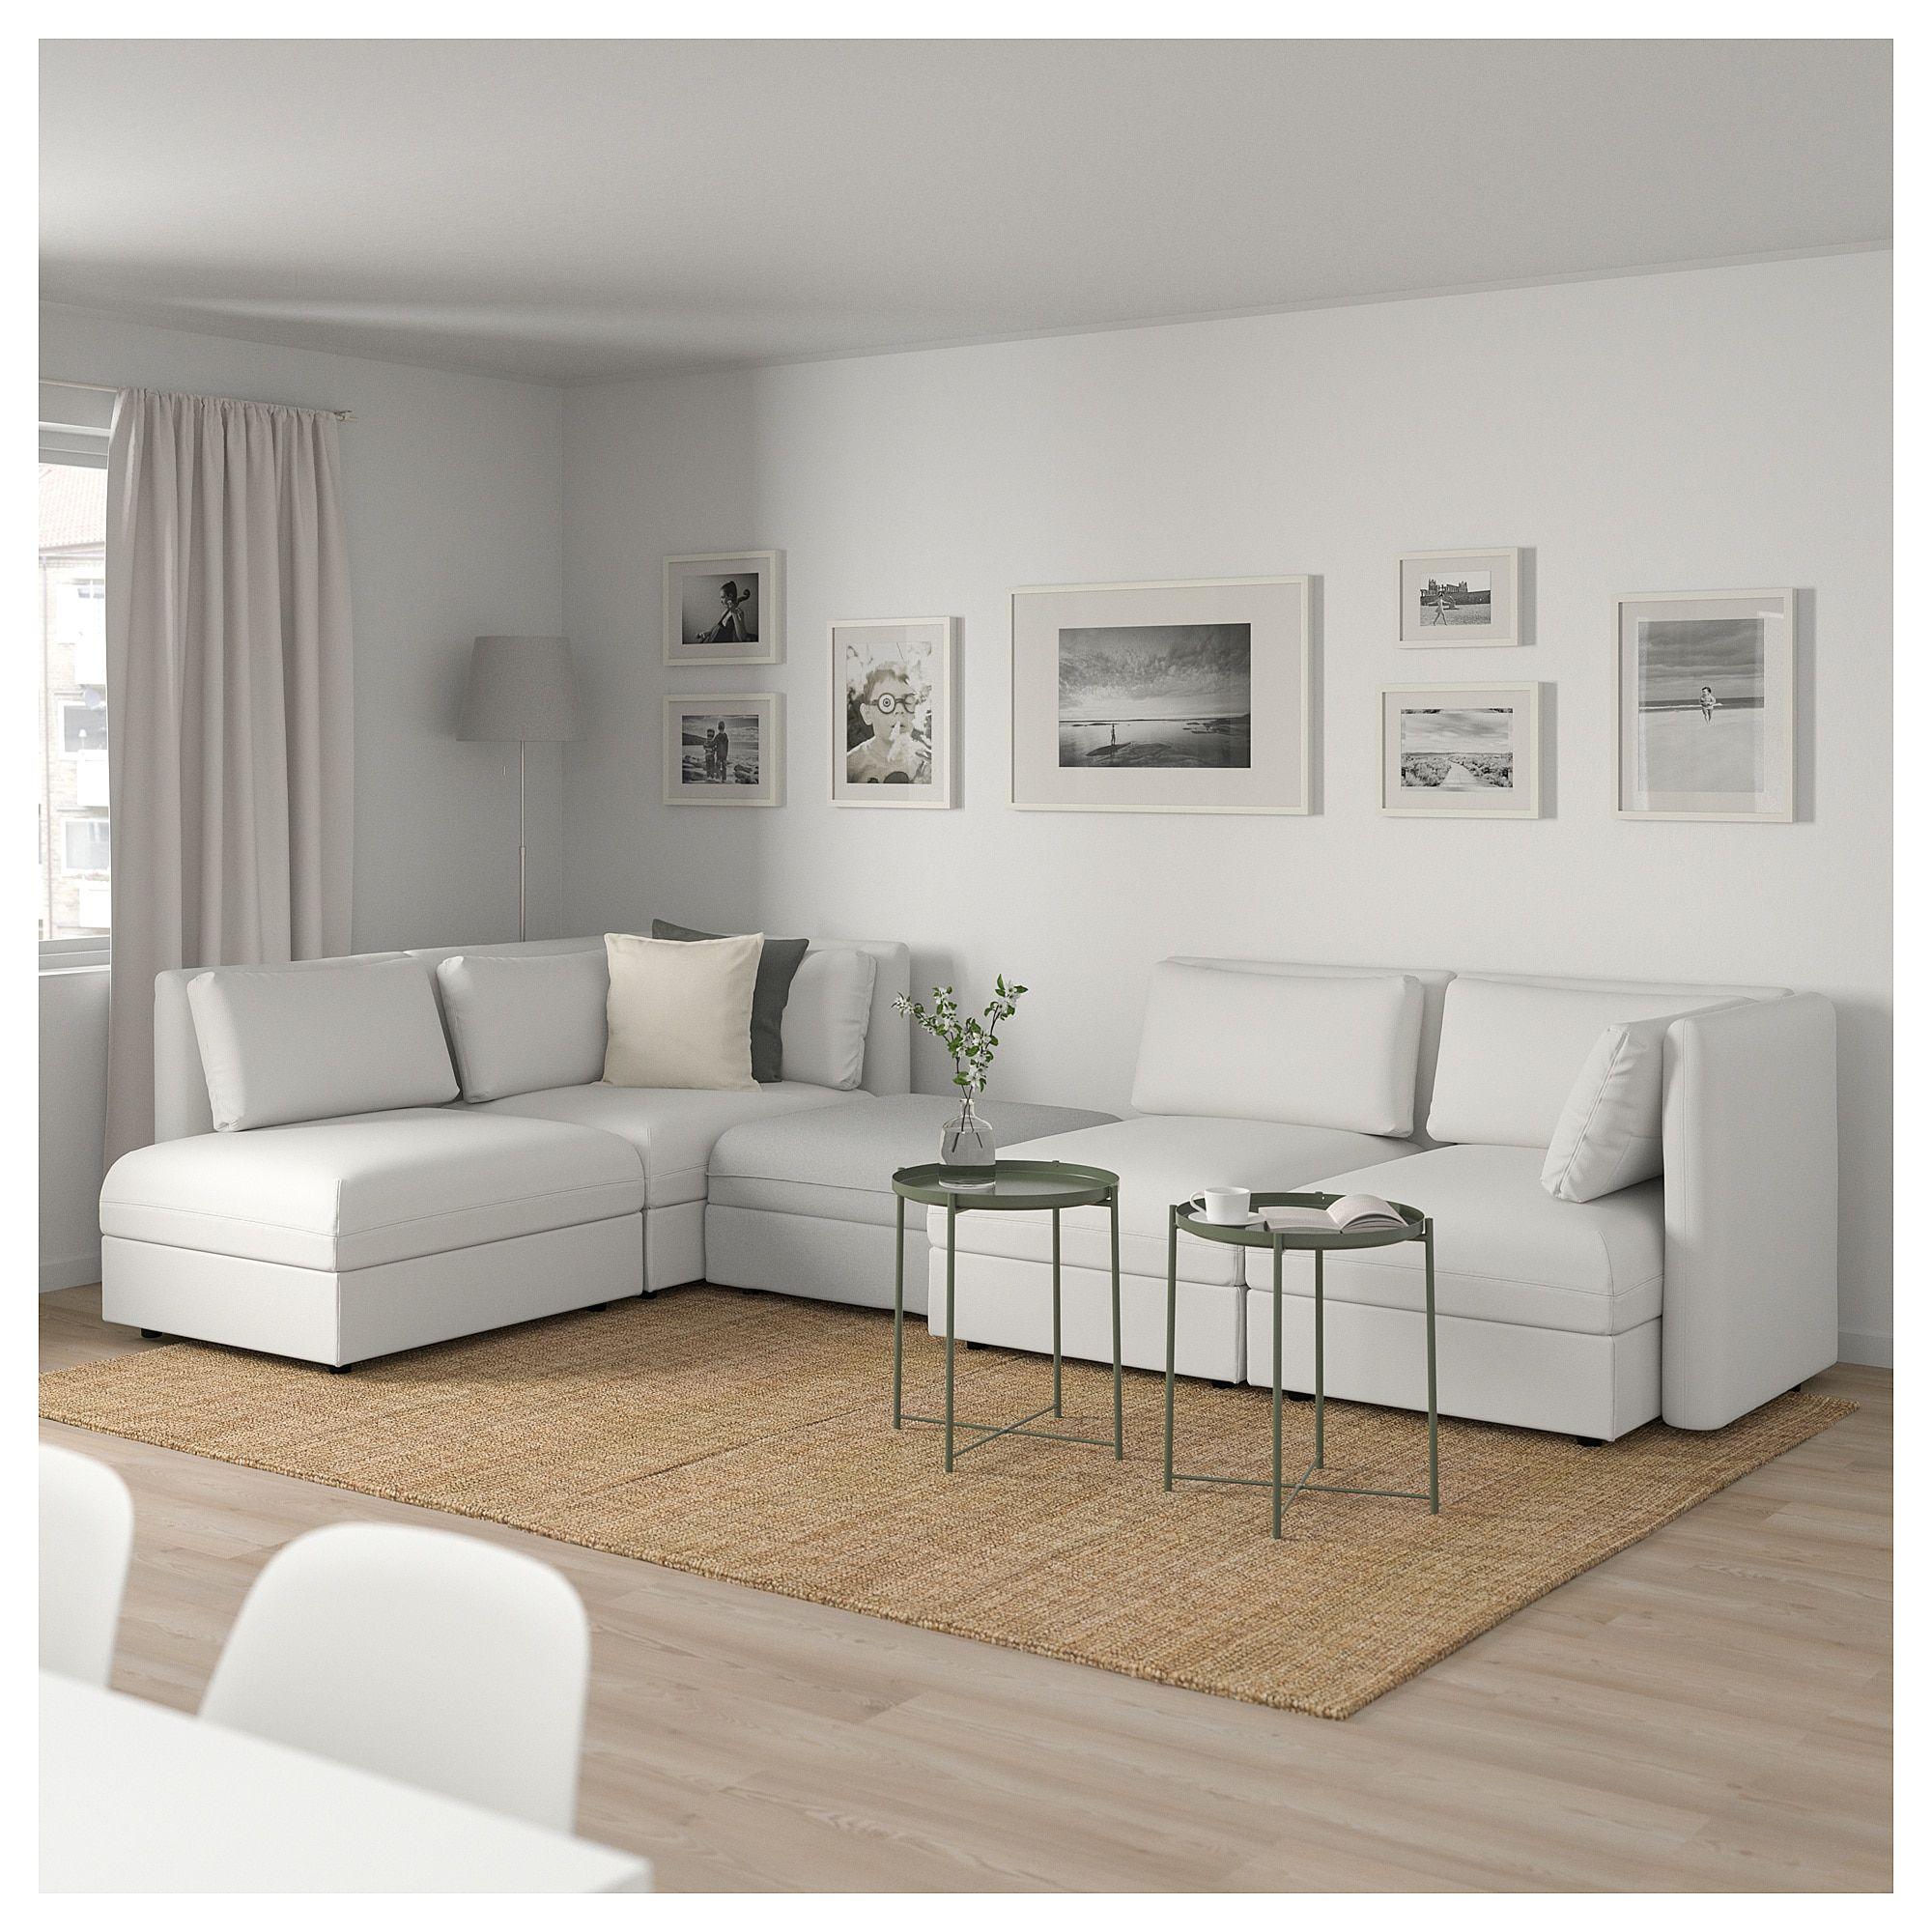 Vallentuna Modular Corner Sofa 4 Seat With Storage Murum Orrsta White Light Gray Ikea Modular Corner Sofa Vallentuna Corner Sofa